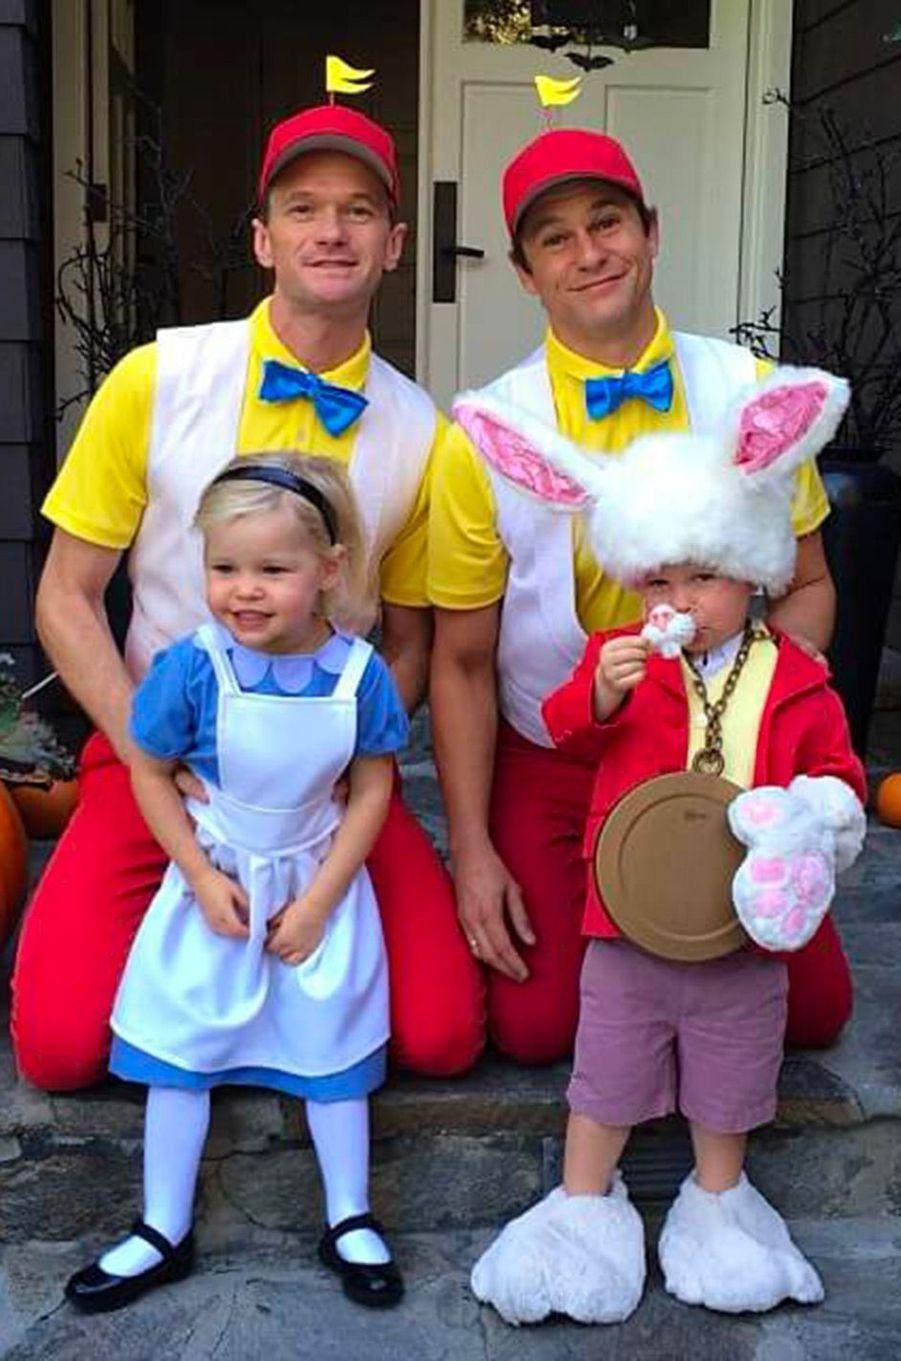 Neil Patrick Harris, David Burtka et leurs enfants revisitent Alice aux Pays des Merveilles pour Halloween